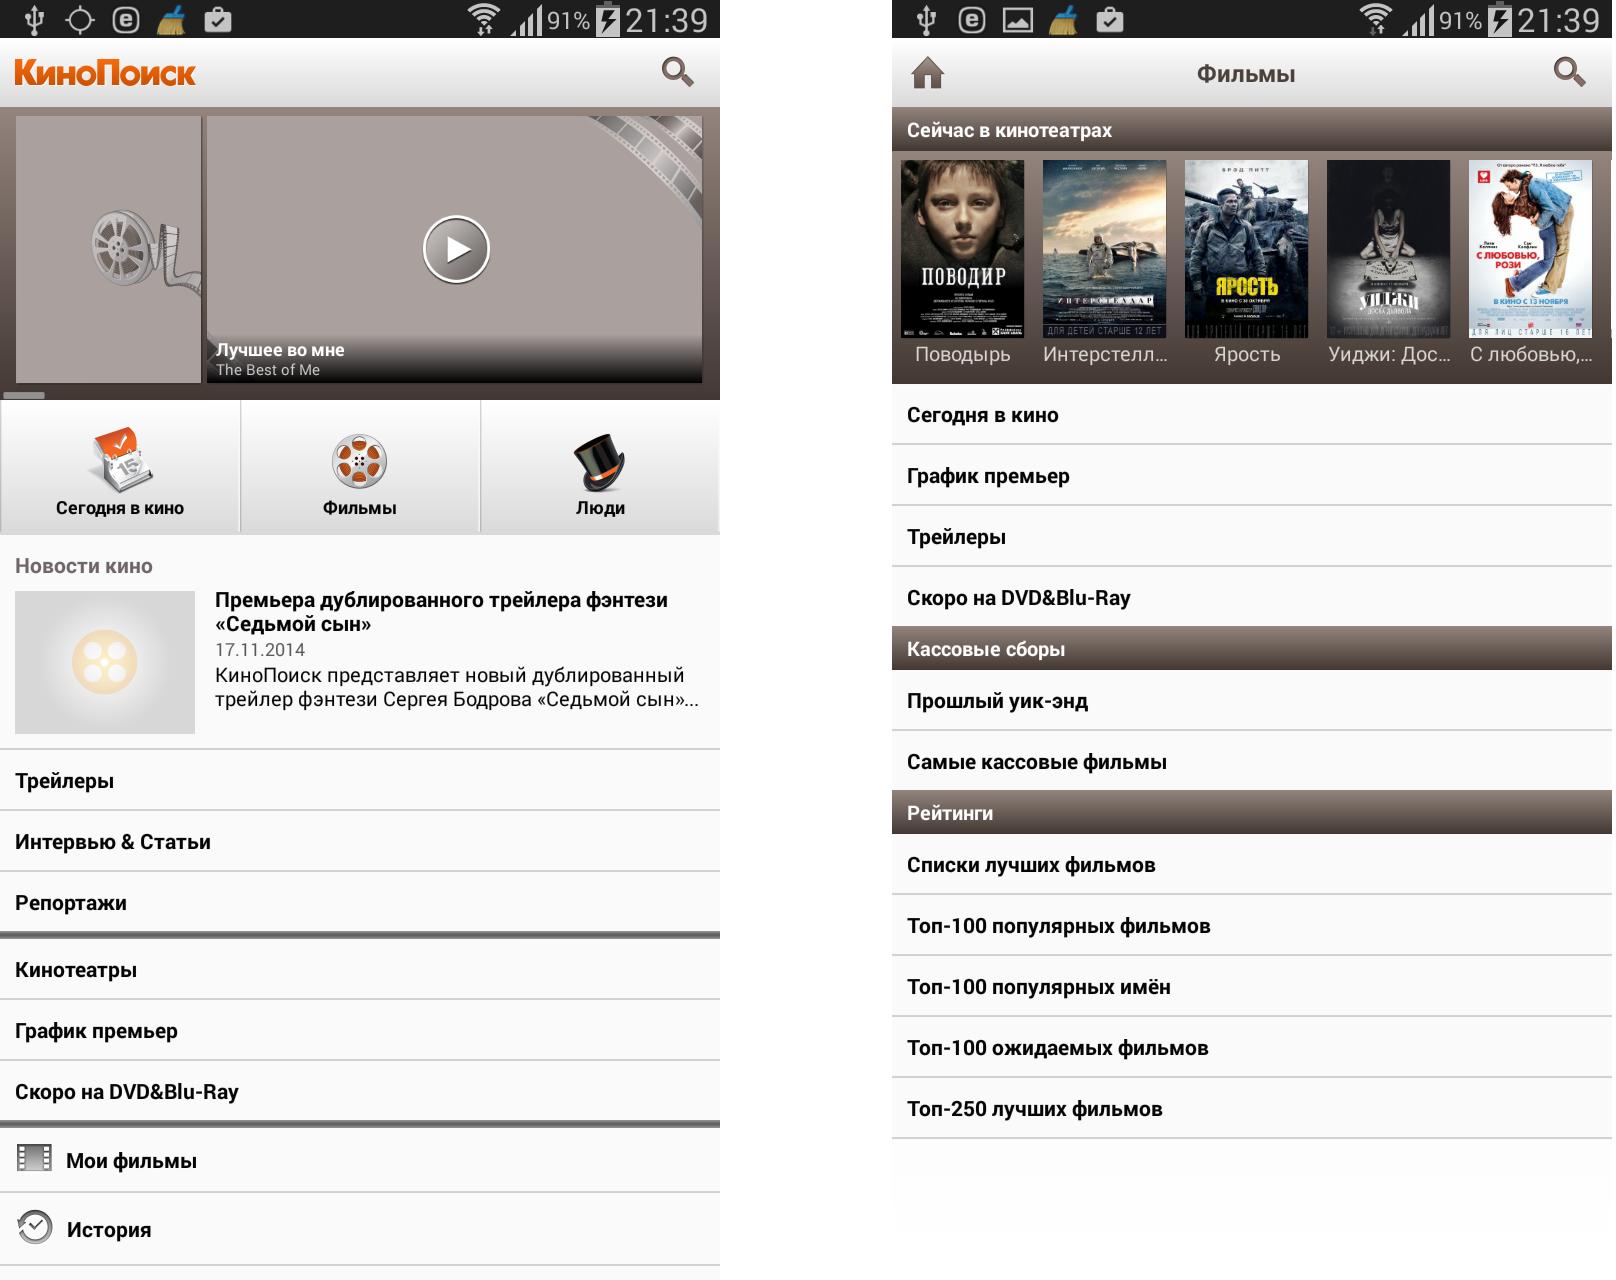 ТОП-20 приложений для Android - КиноПоиск